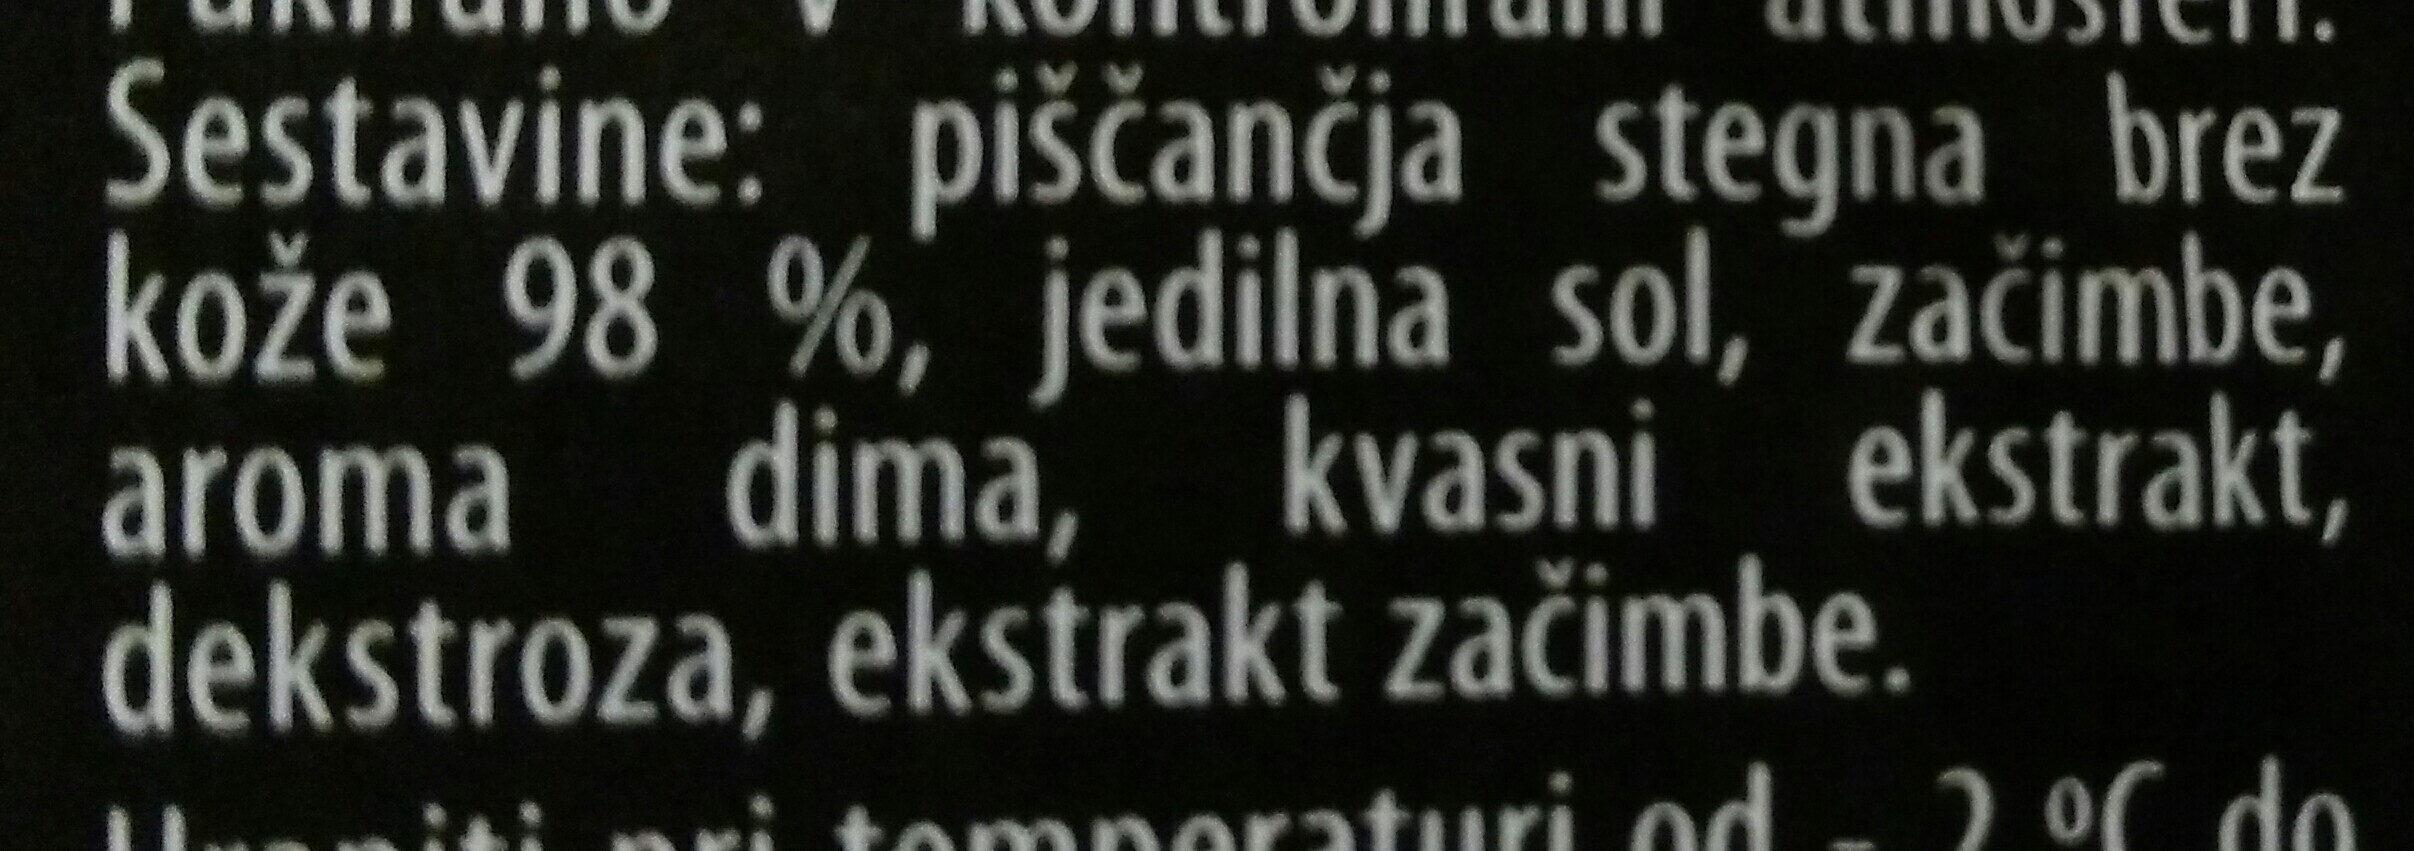 Piščančji ribbsi - Ingredients - sl